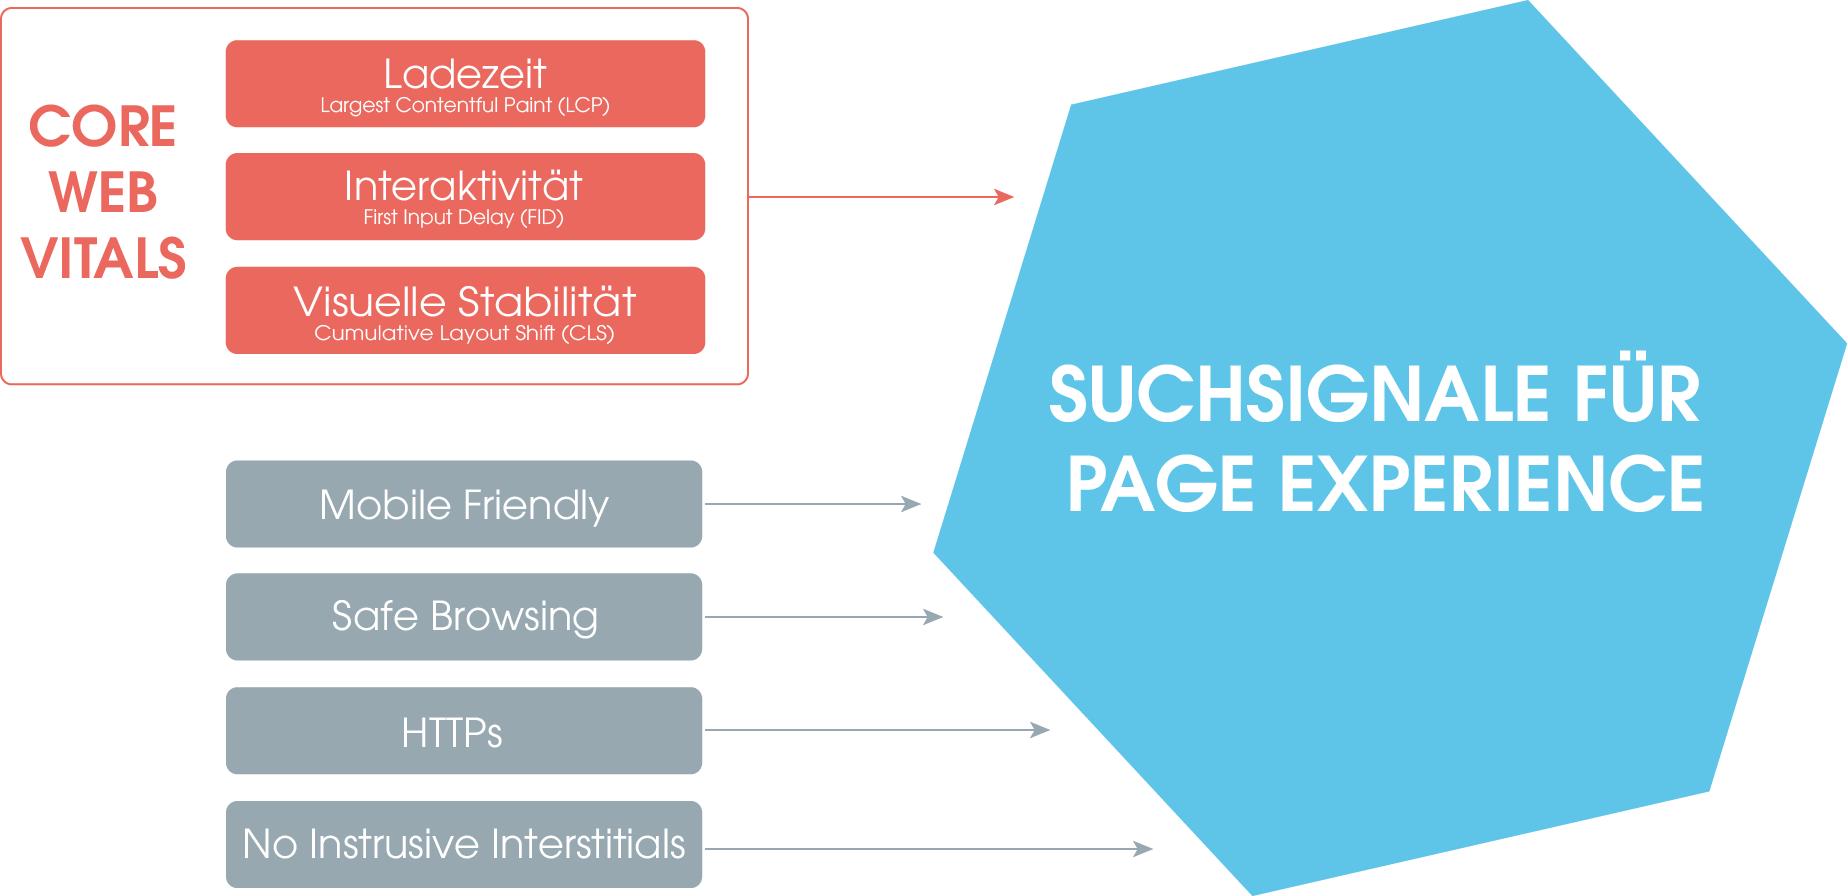 Auf dem Bild siehst Du eine blaue Wabe, die die Summe der Suchsignale des Page Experience Rankingfaktors darstellt. In diesem Faktor fließen verschiedene Aspekte ein: Mobile Friendly, Safe Browsing, HTTPs und no instrusive Interstitials sind dabei bereits vorhandene Metriken. Neu dazu kommen die Core Web Vitals (hier rot gekennzeichnet), welche aus LCP, FID und CLS bestehen und den PageSpeed ersetzen.